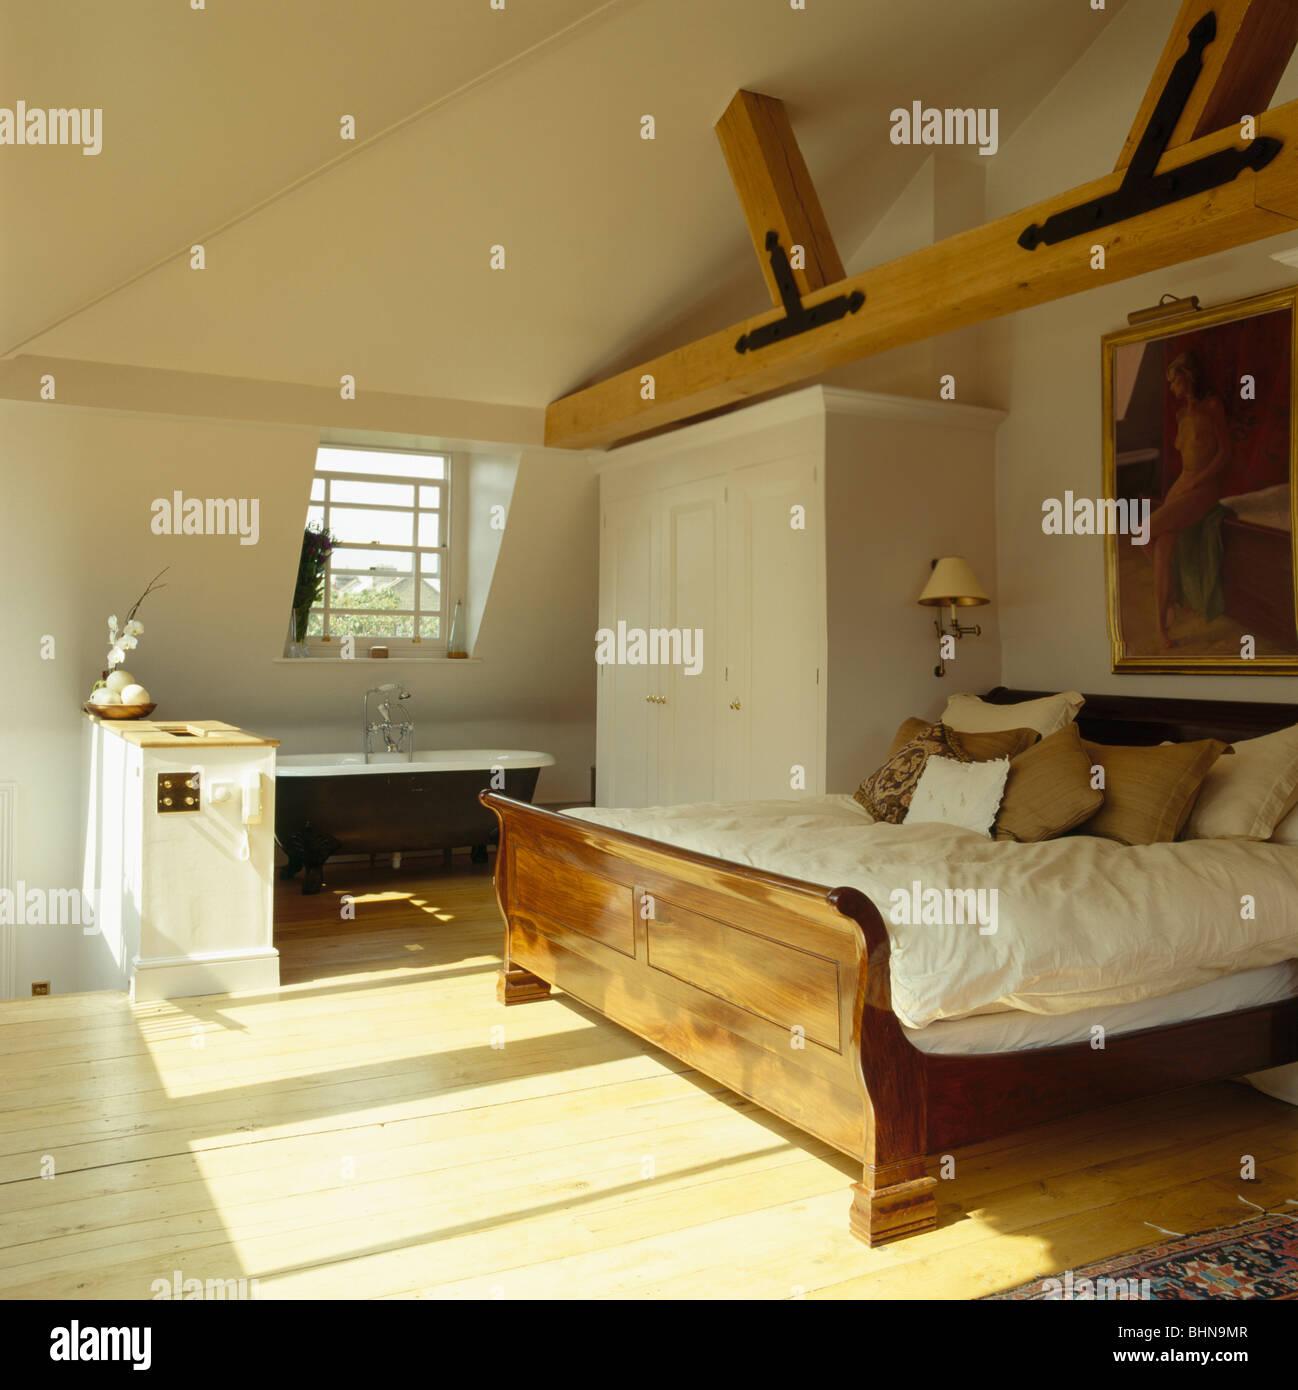 Schlittenbett und Holzböden in Holzbalken Loft-Schlafzimmer mit Roll ...